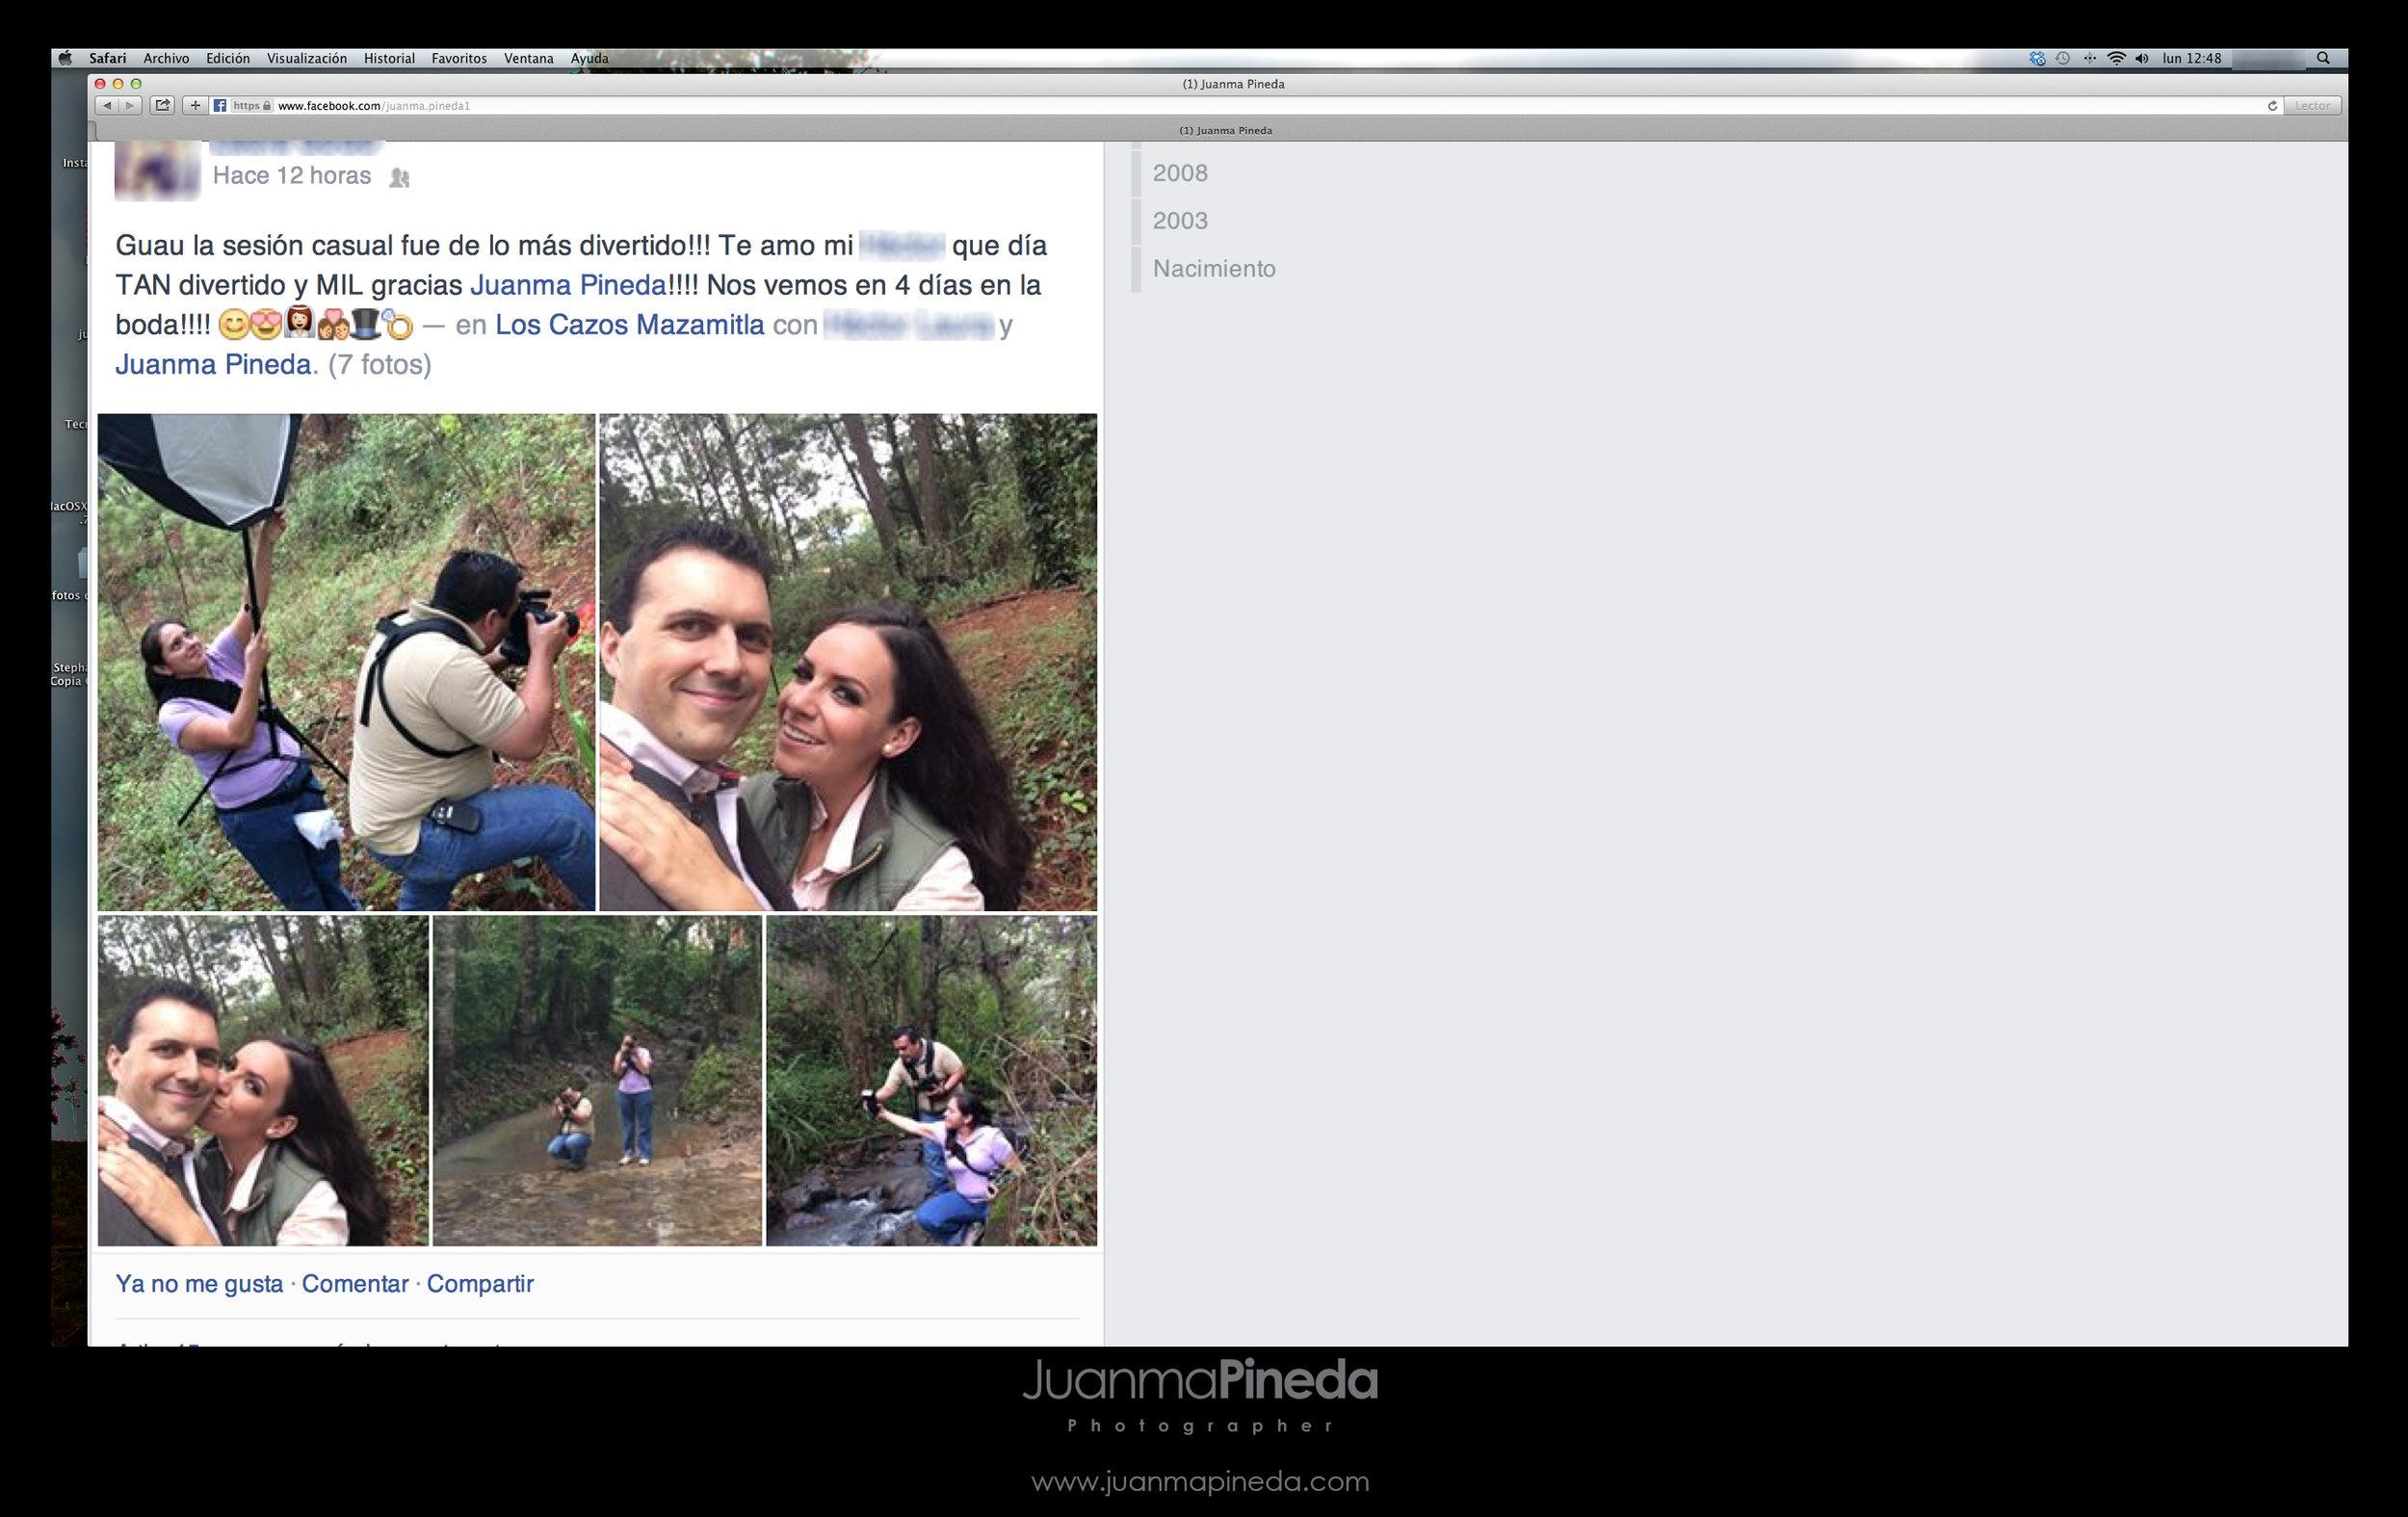 Captura de pantalla 2014-09-15 a la(s) 12.48.09.jpg